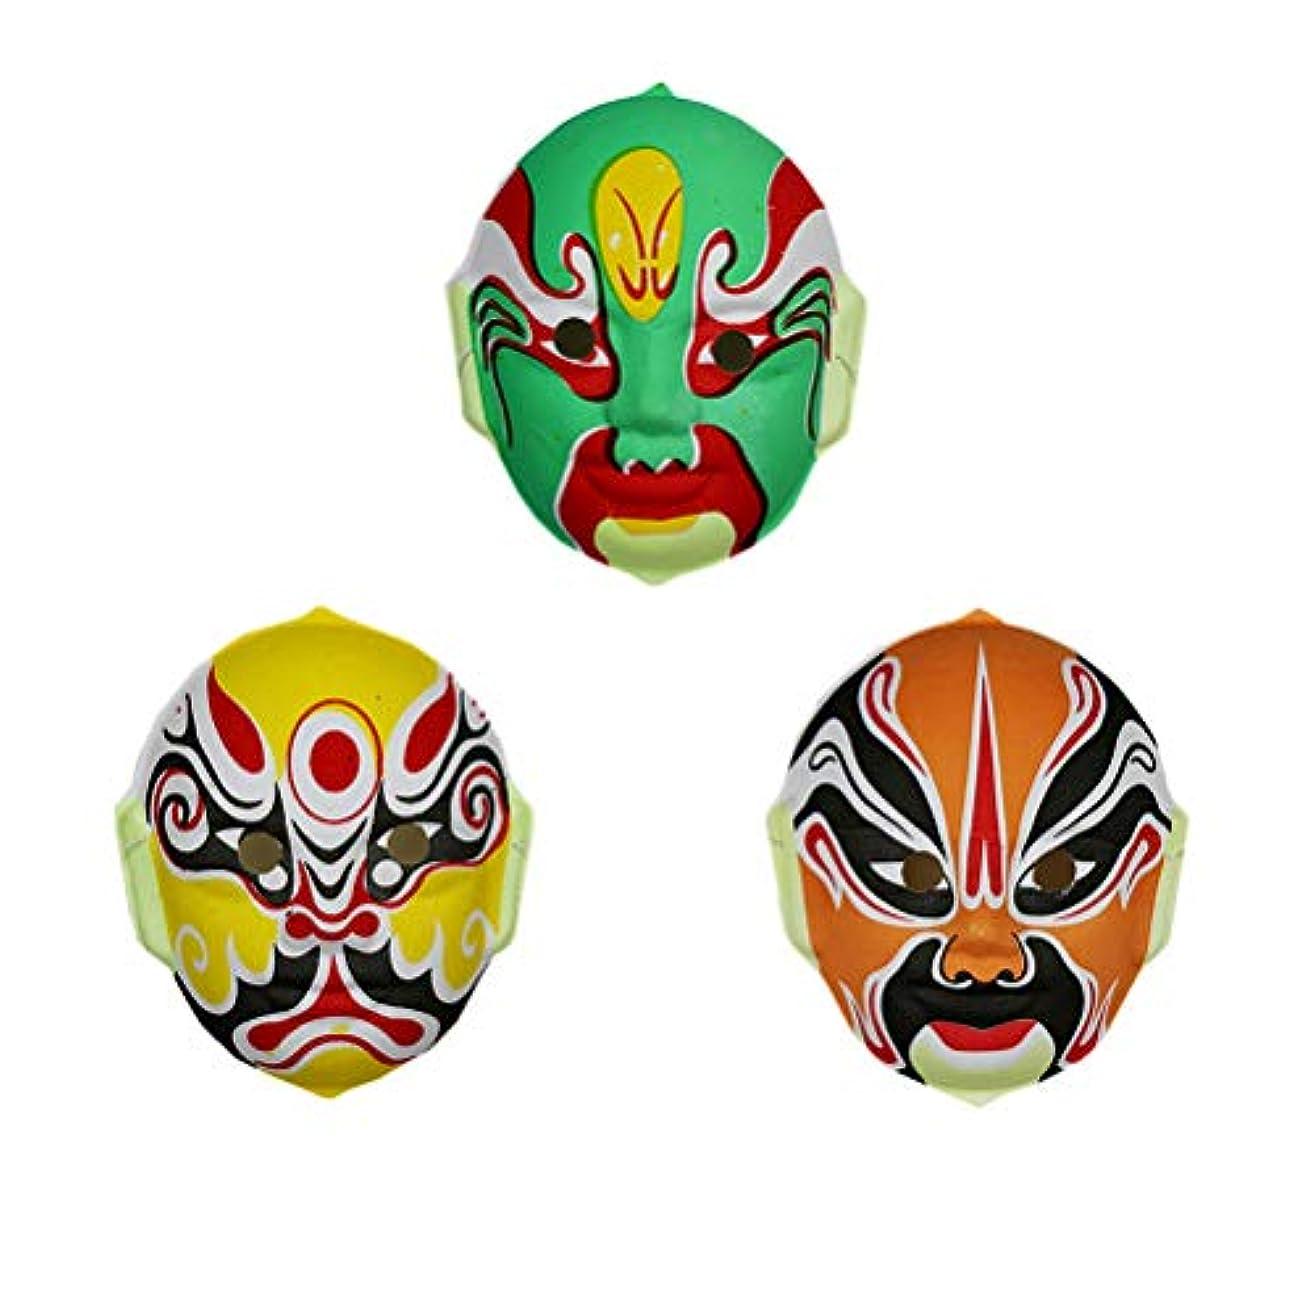 植物学者聴覚障害者閉塞TINKSKY 3本 中国 オペラマスク 伝統オペラマスク ハロウィーン コスプレ小道具 パーティー用品 (ランダムスタイル)